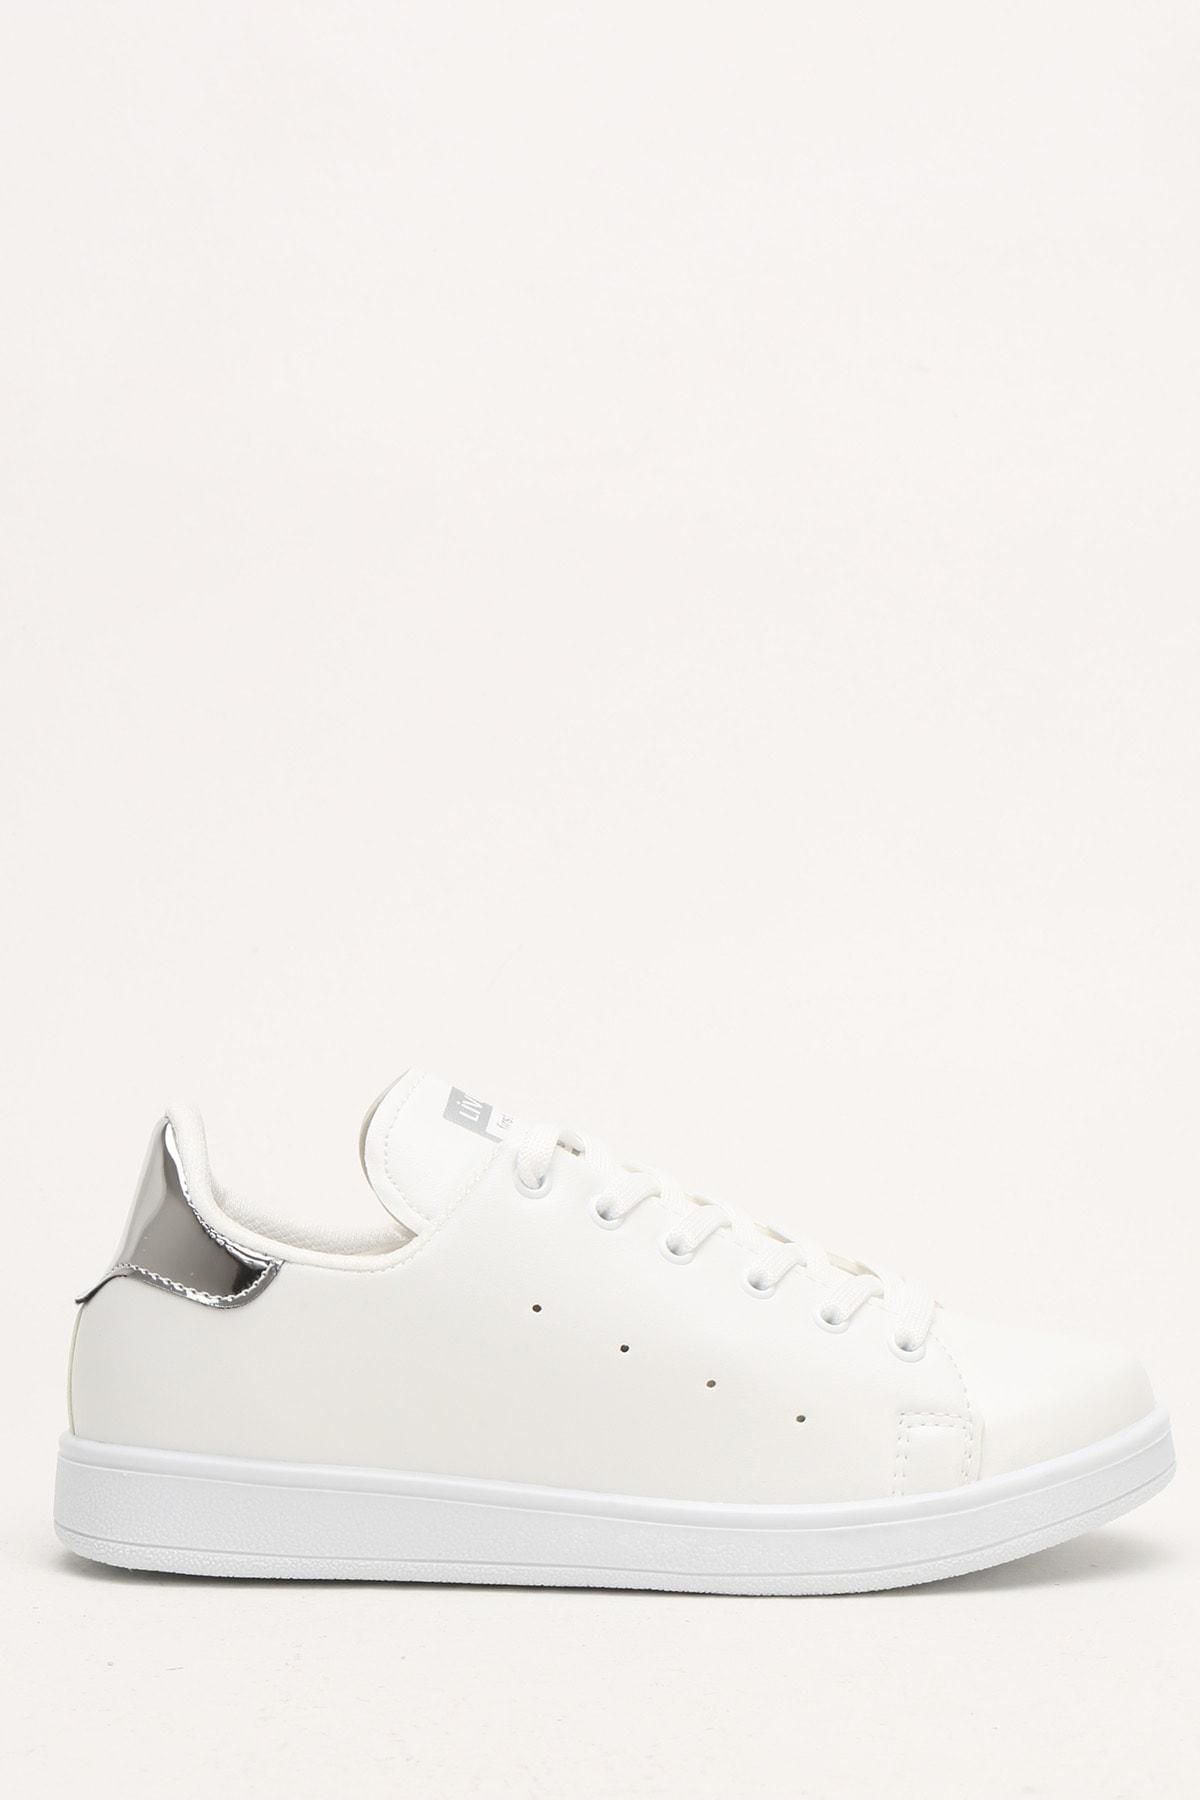 Ayakkabı Modası Beyaz-Gümüş Kadın Casual Ayakkabı BM-4000-19-110003